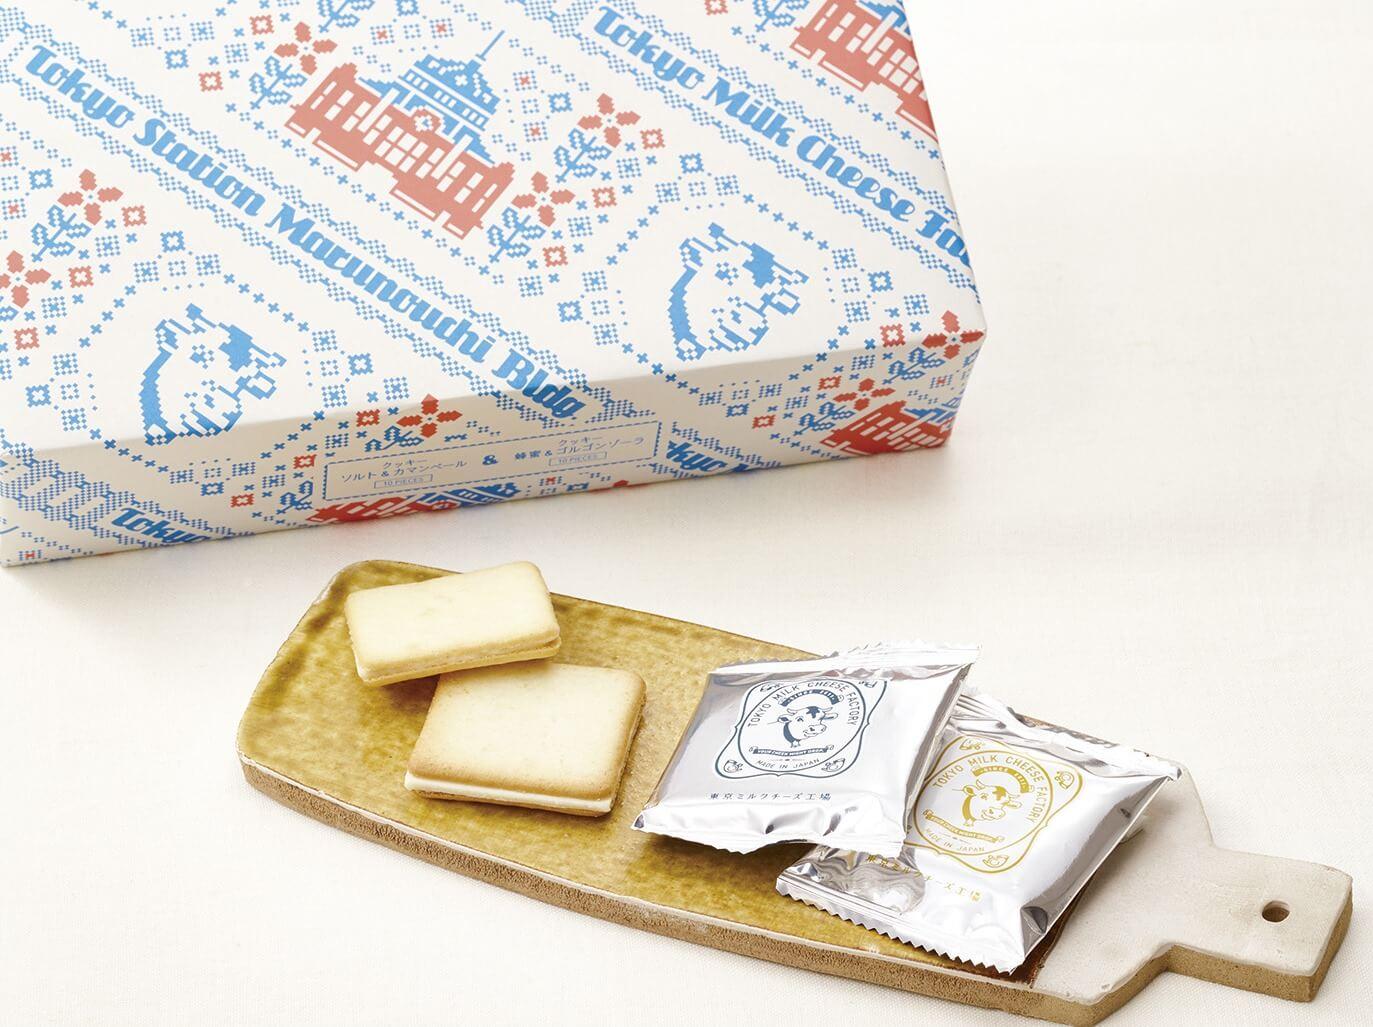 東京ミルクチーズ工場_クッキー詰め合わせ20枚入り駅舎限定パッケージ